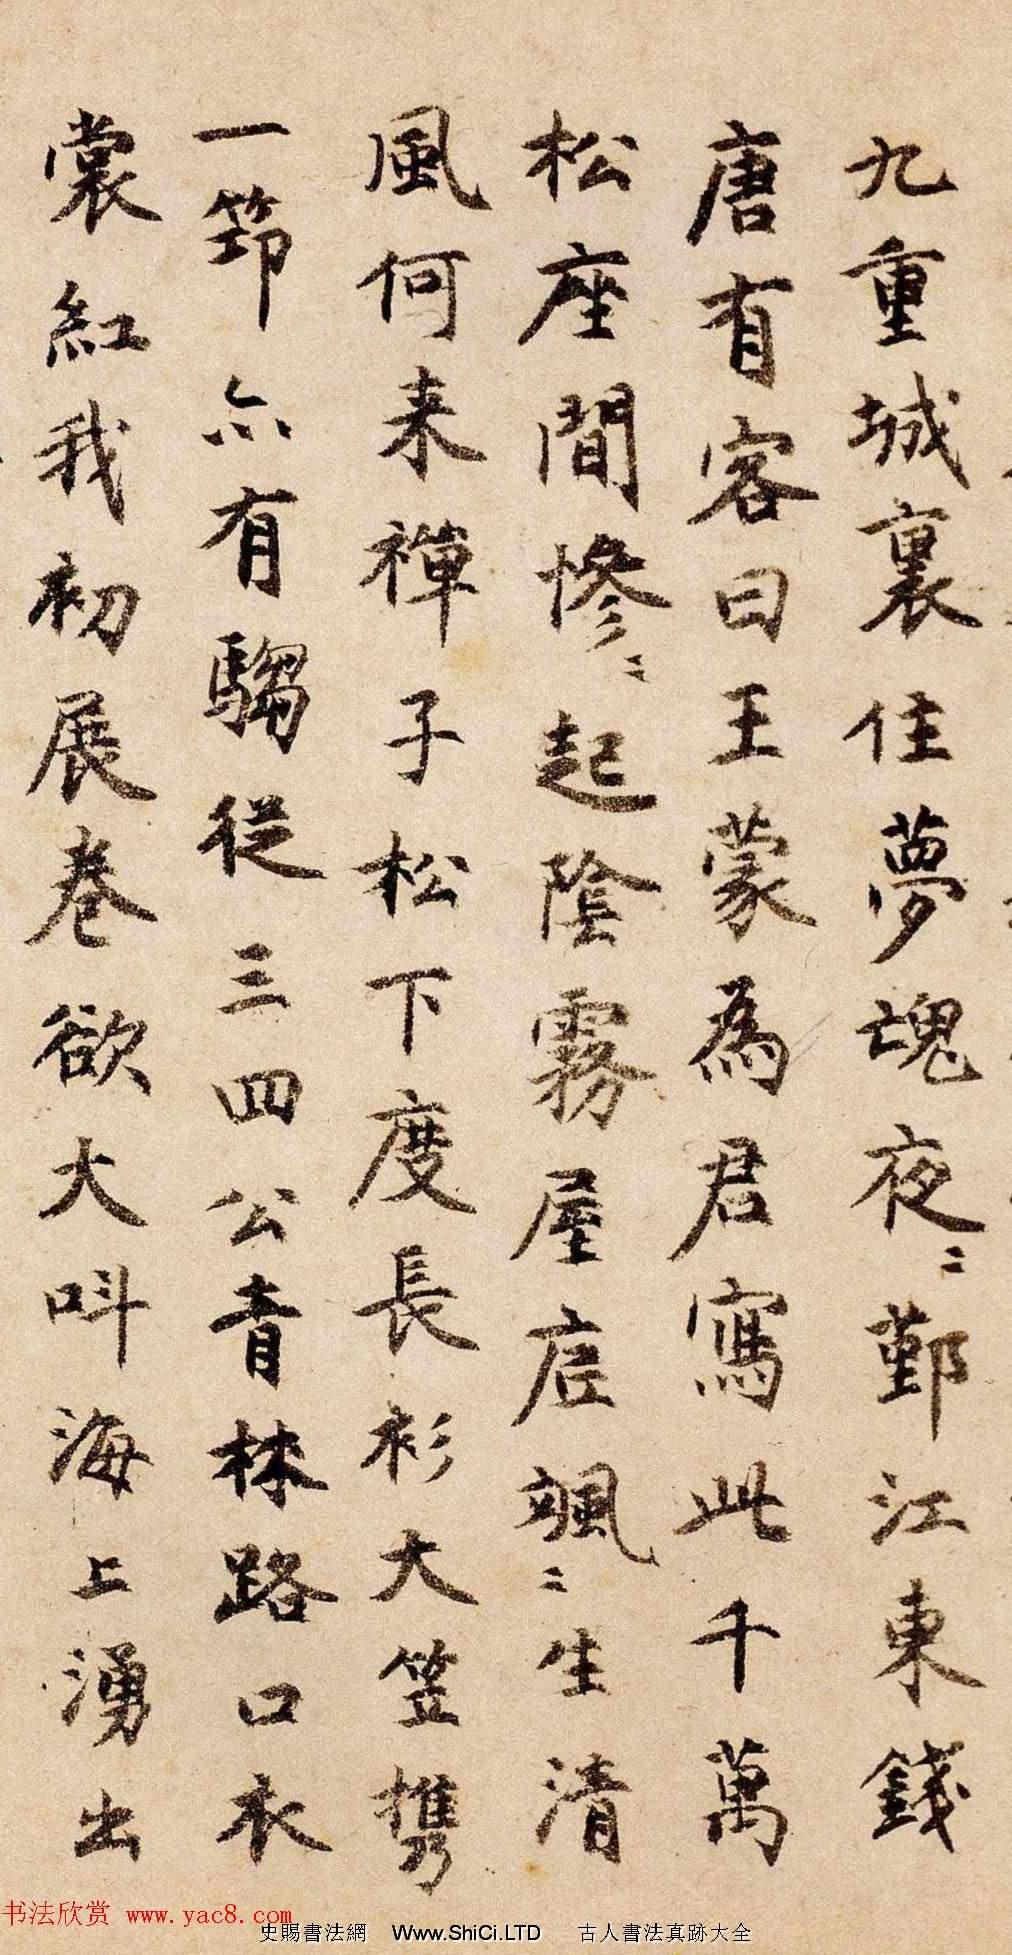 明代高僧宗泐書法題跋太白山圖卷